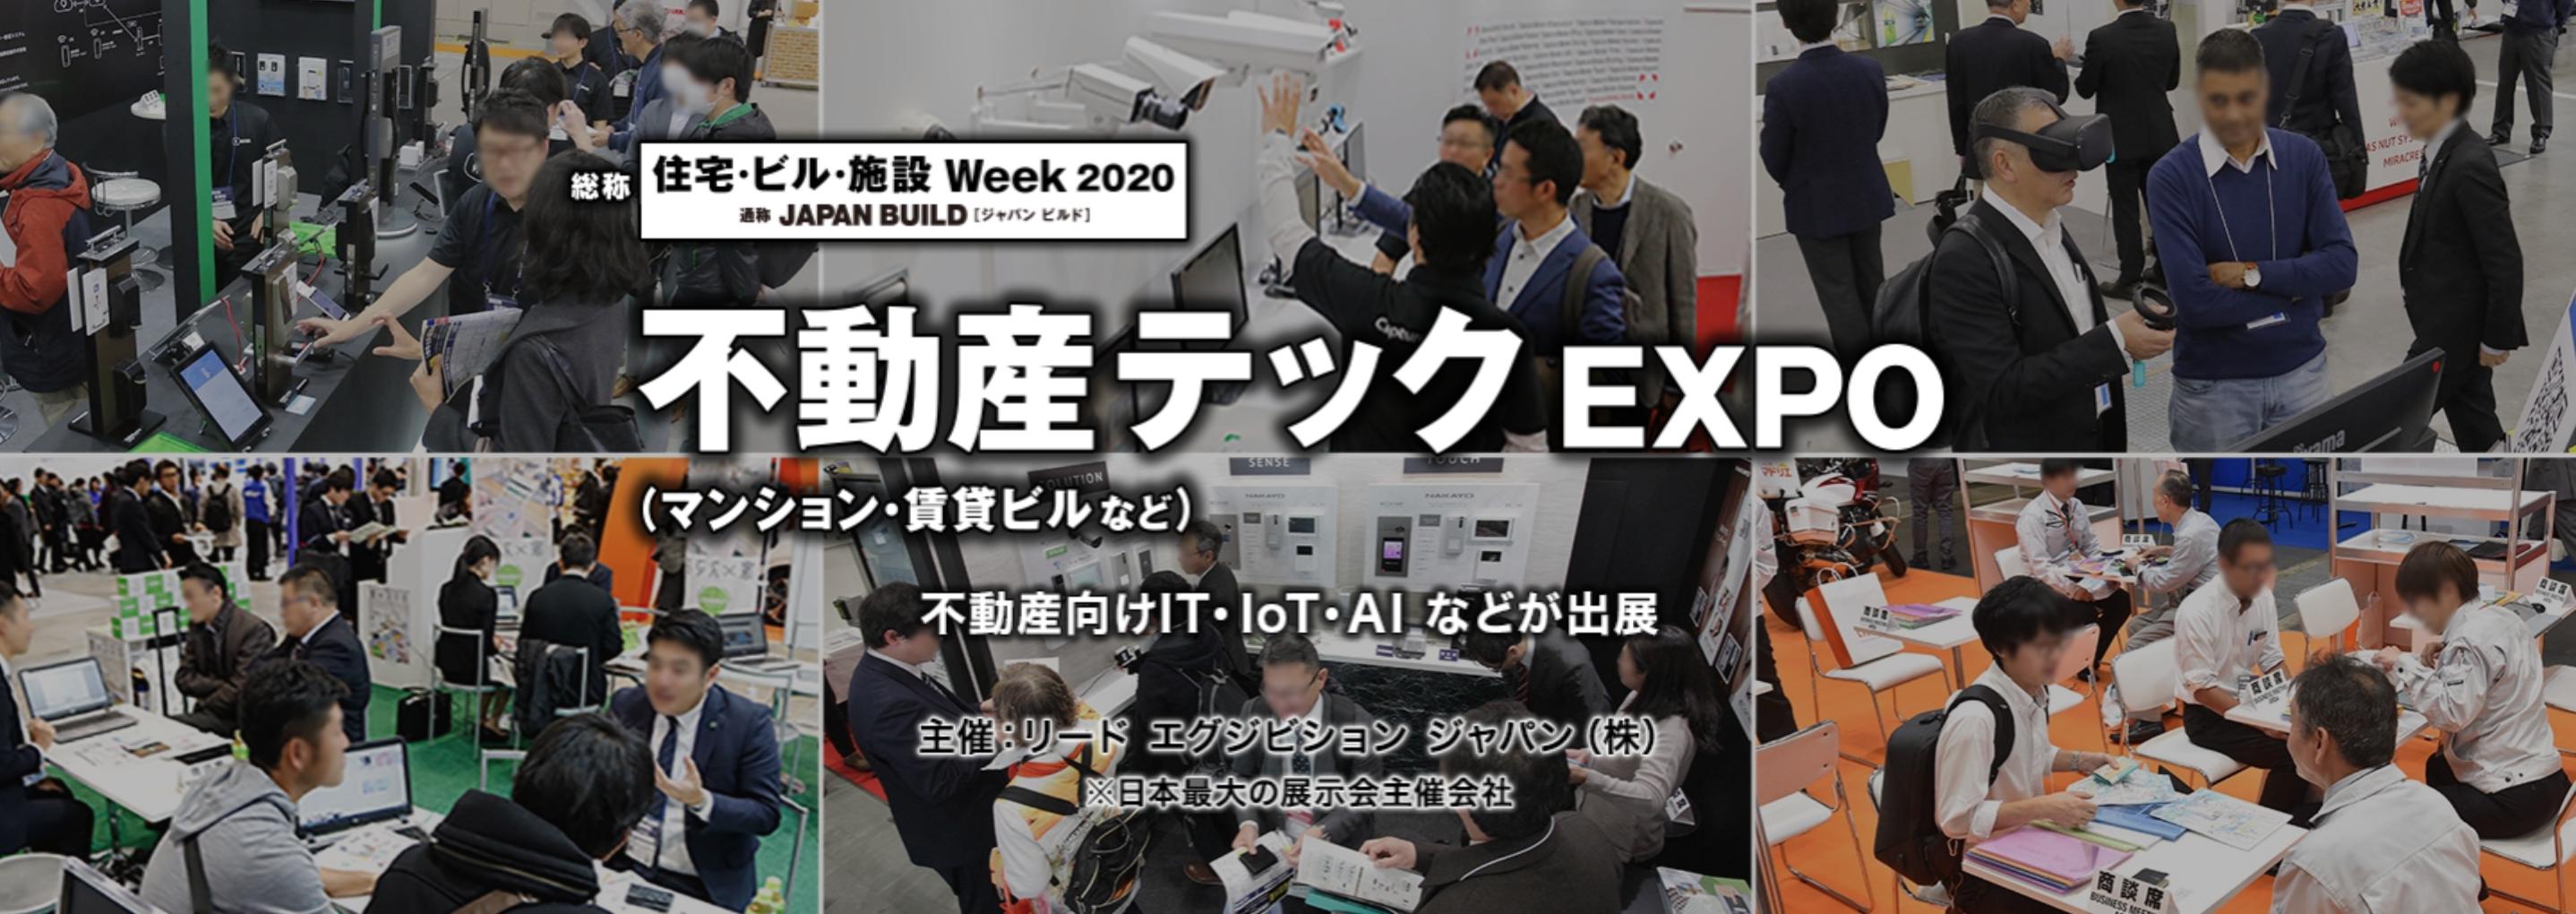 【12.2~12.4】サービシンクが理事として参画している不動産テック協会が「不動産テックEXPO」へと参加します!